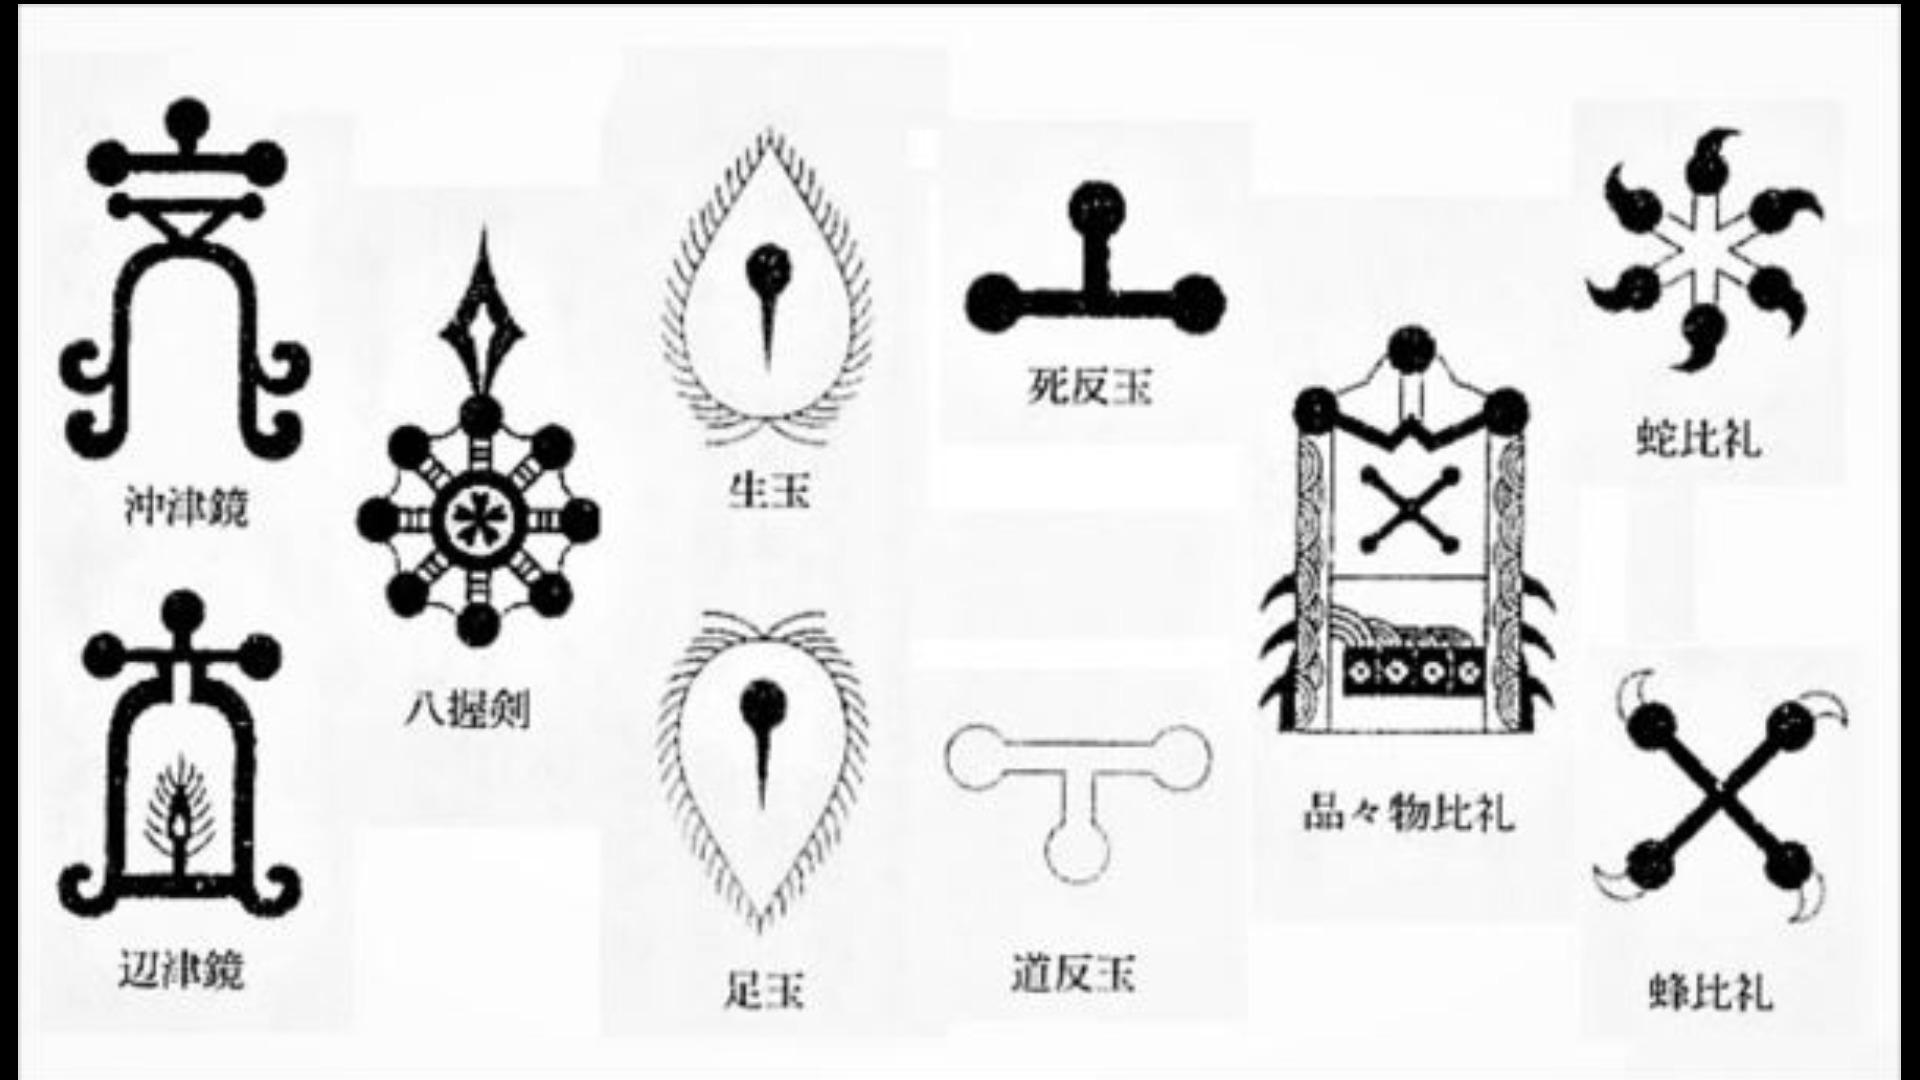 21.3.19【呪術】呪術の勉強会がスタートします!